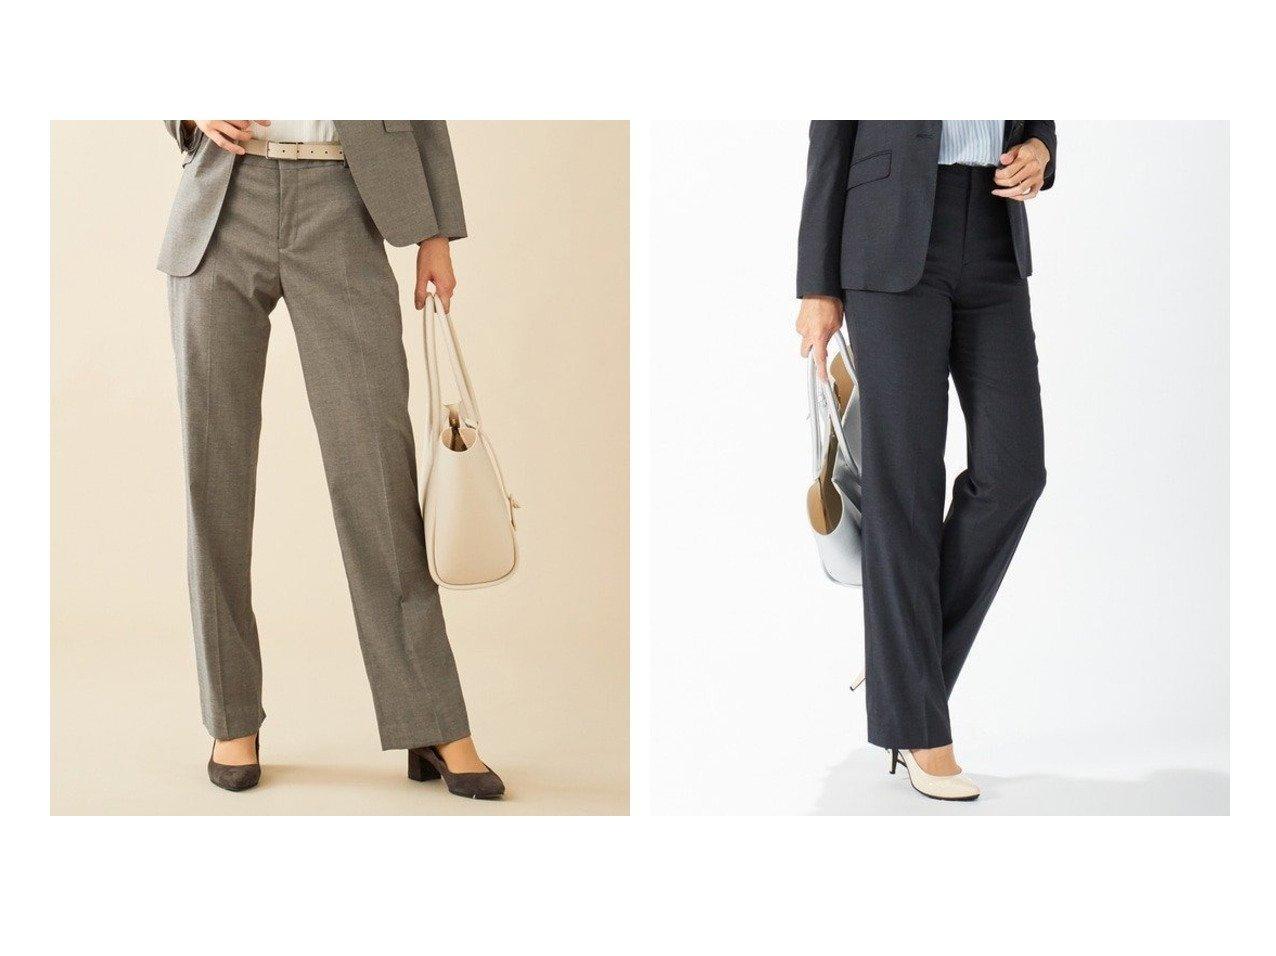 【J.PRESS/ジェイ プレス】の【スーツ対応】Premium G.B. Conte パンツ J.PRESSのおすすめ!人気、トレンド・レディースファッションの通販 おすすめで人気の流行・トレンド、ファッションの通販商品 メンズファッション・キッズファッション・インテリア・家具・レディースファッション・服の通販 founy(ファニー) https://founy.com/ ファッション Fashion レディースファッション WOMEN パンツ Pants スーツ Suits スーツパンツ Pantsuit イタリア ジャケット ストレッチ ストレート スーツ セットアップ センター ベーシック 送料無料 Free Shipping |ID:crp329100000020345